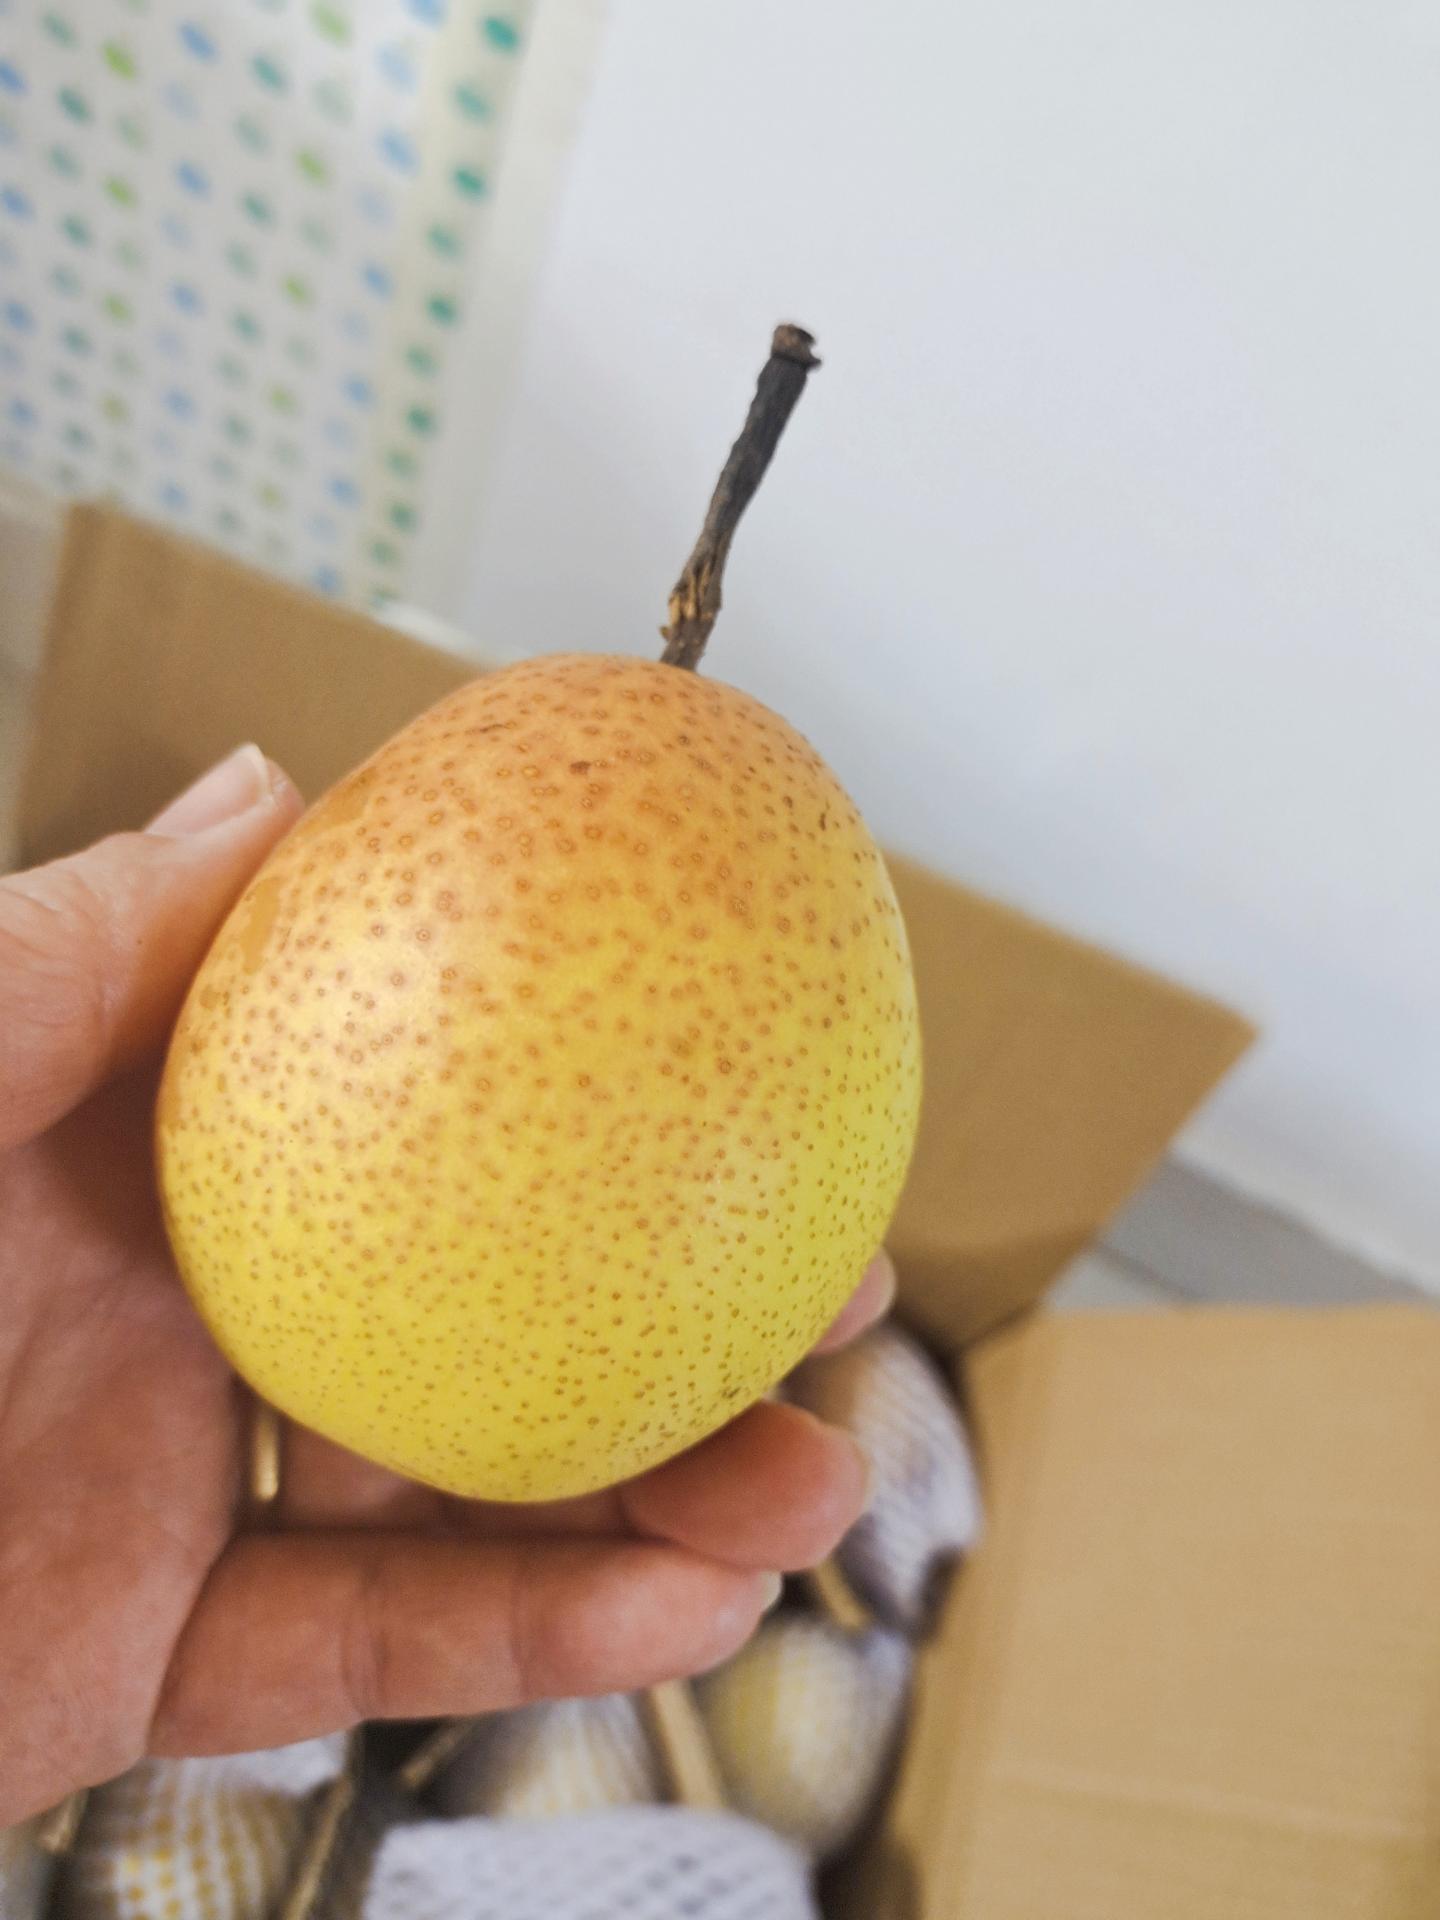 新鲜正宗脆甜多汁红香梨当季水果批发